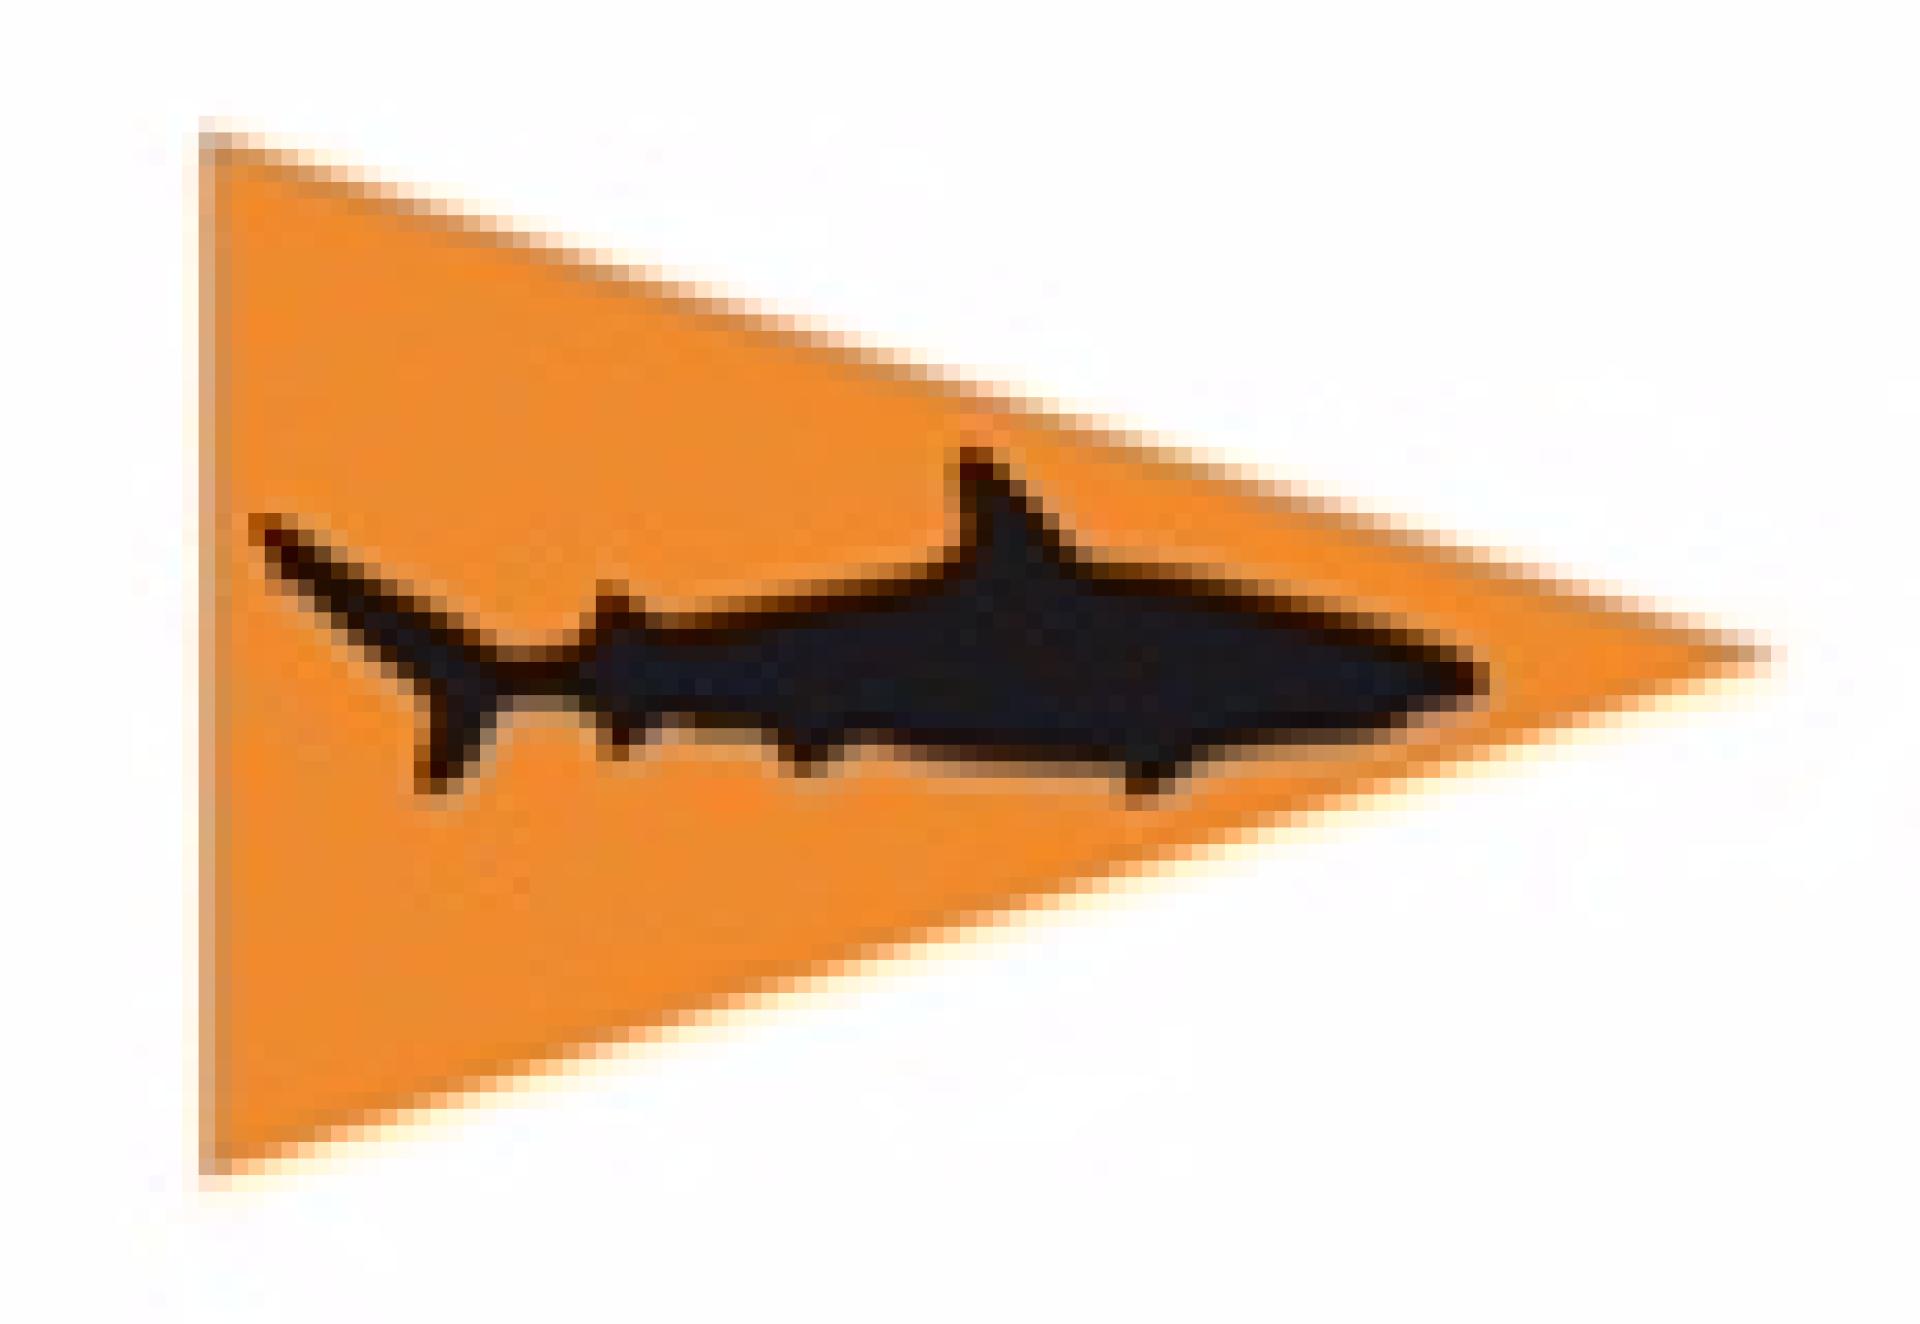 2017 10 09 10 58 42 Signaletique Sur Les Zones D Activites Nautiques Internet Info Requin 8e6bb